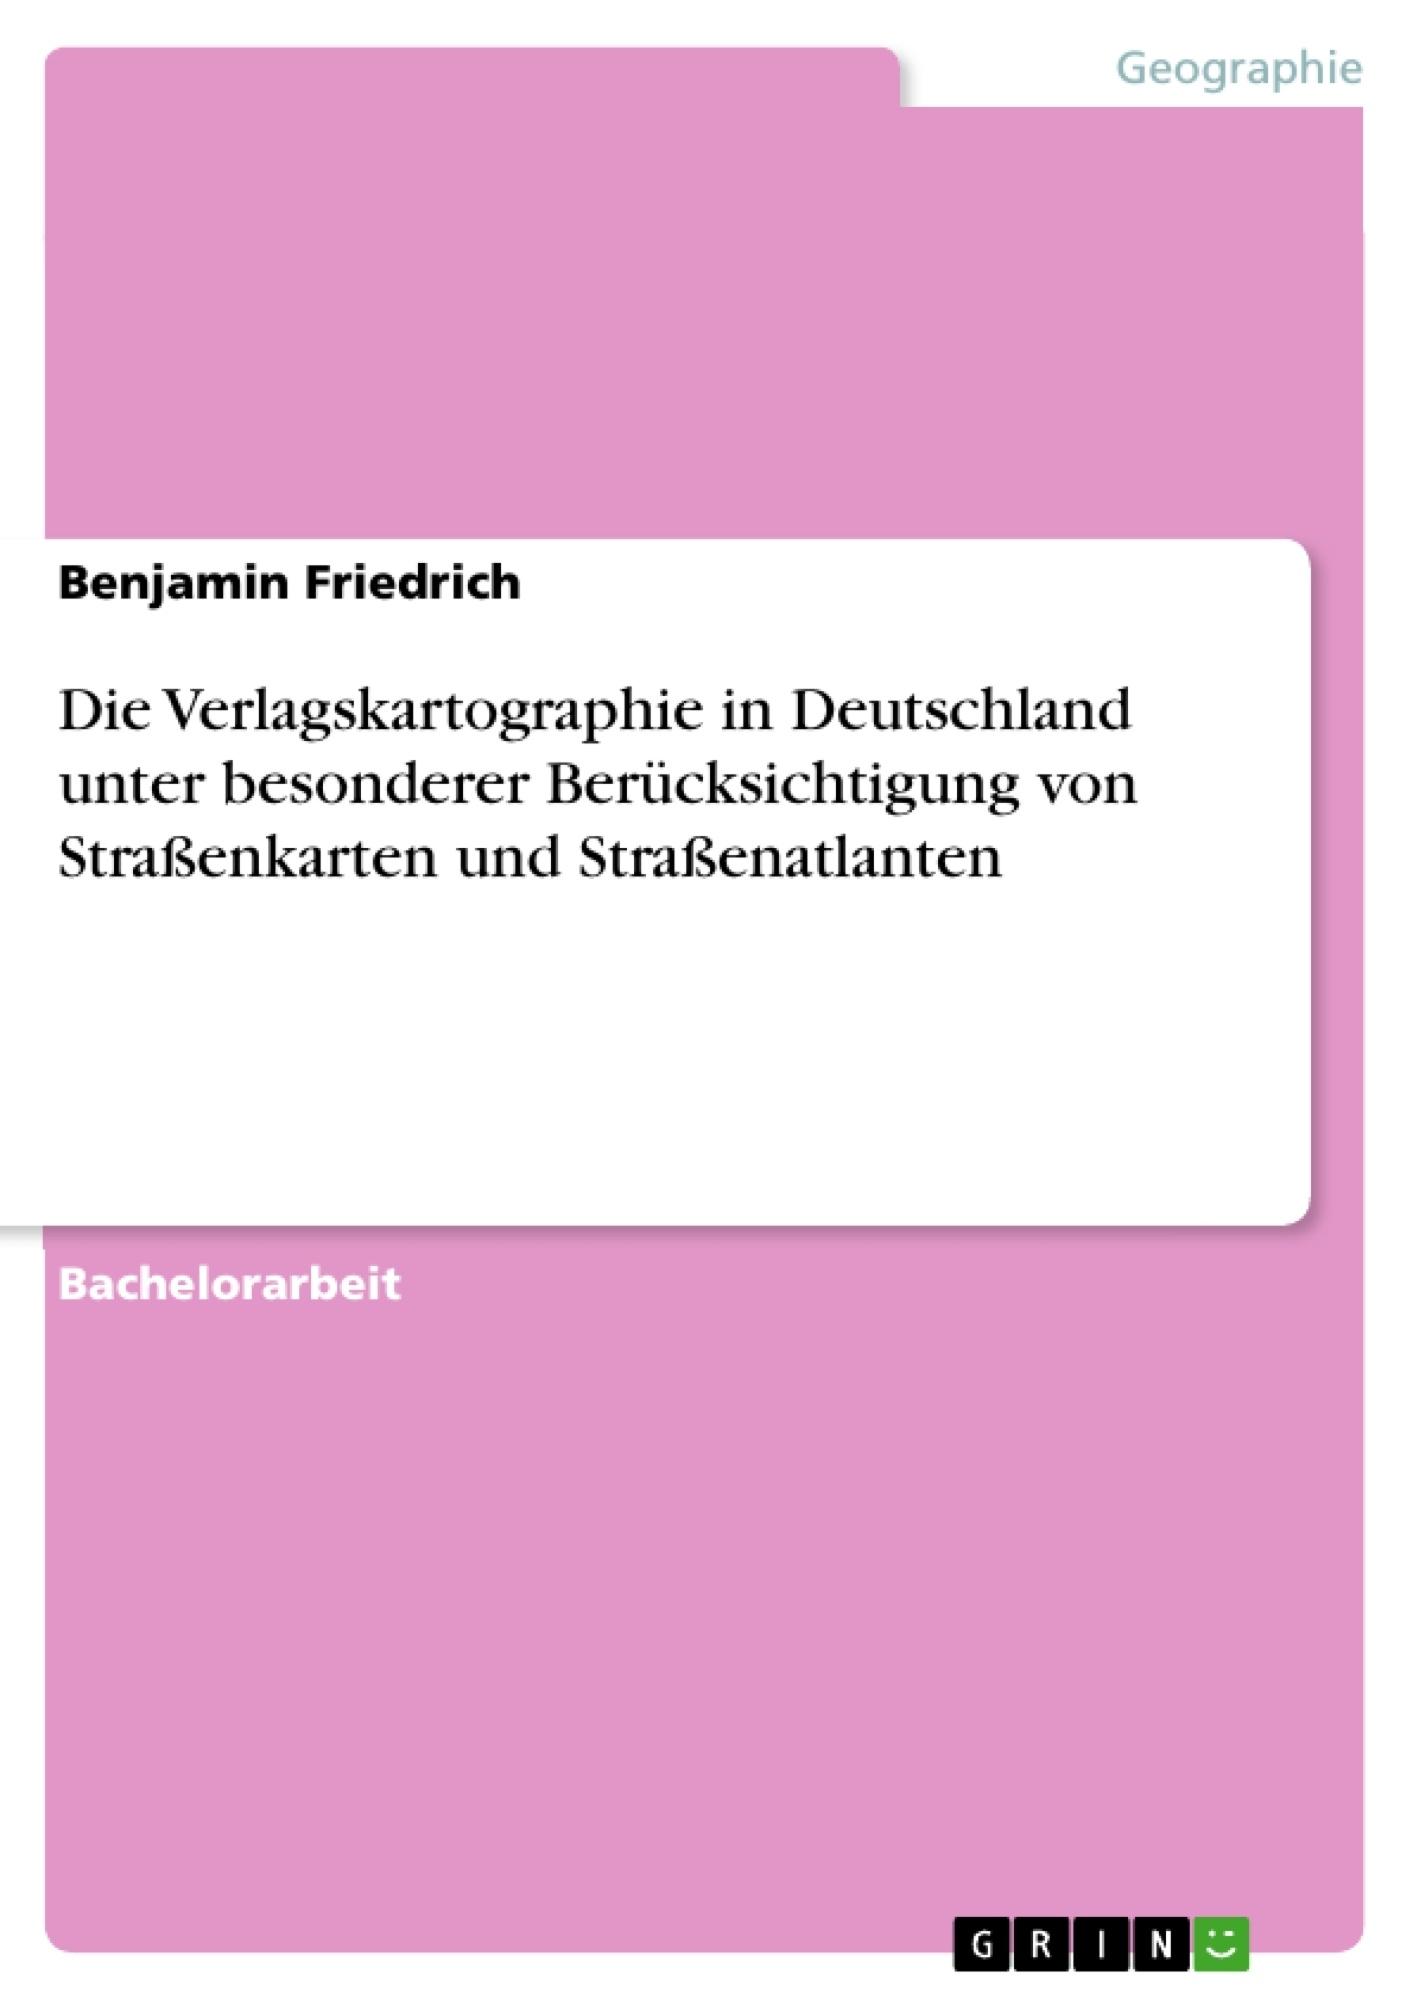 Titel: Die Verlagskartographie in Deutschland unter besonderer Berücksichtigung von Straßenkarten und Straßenatlanten